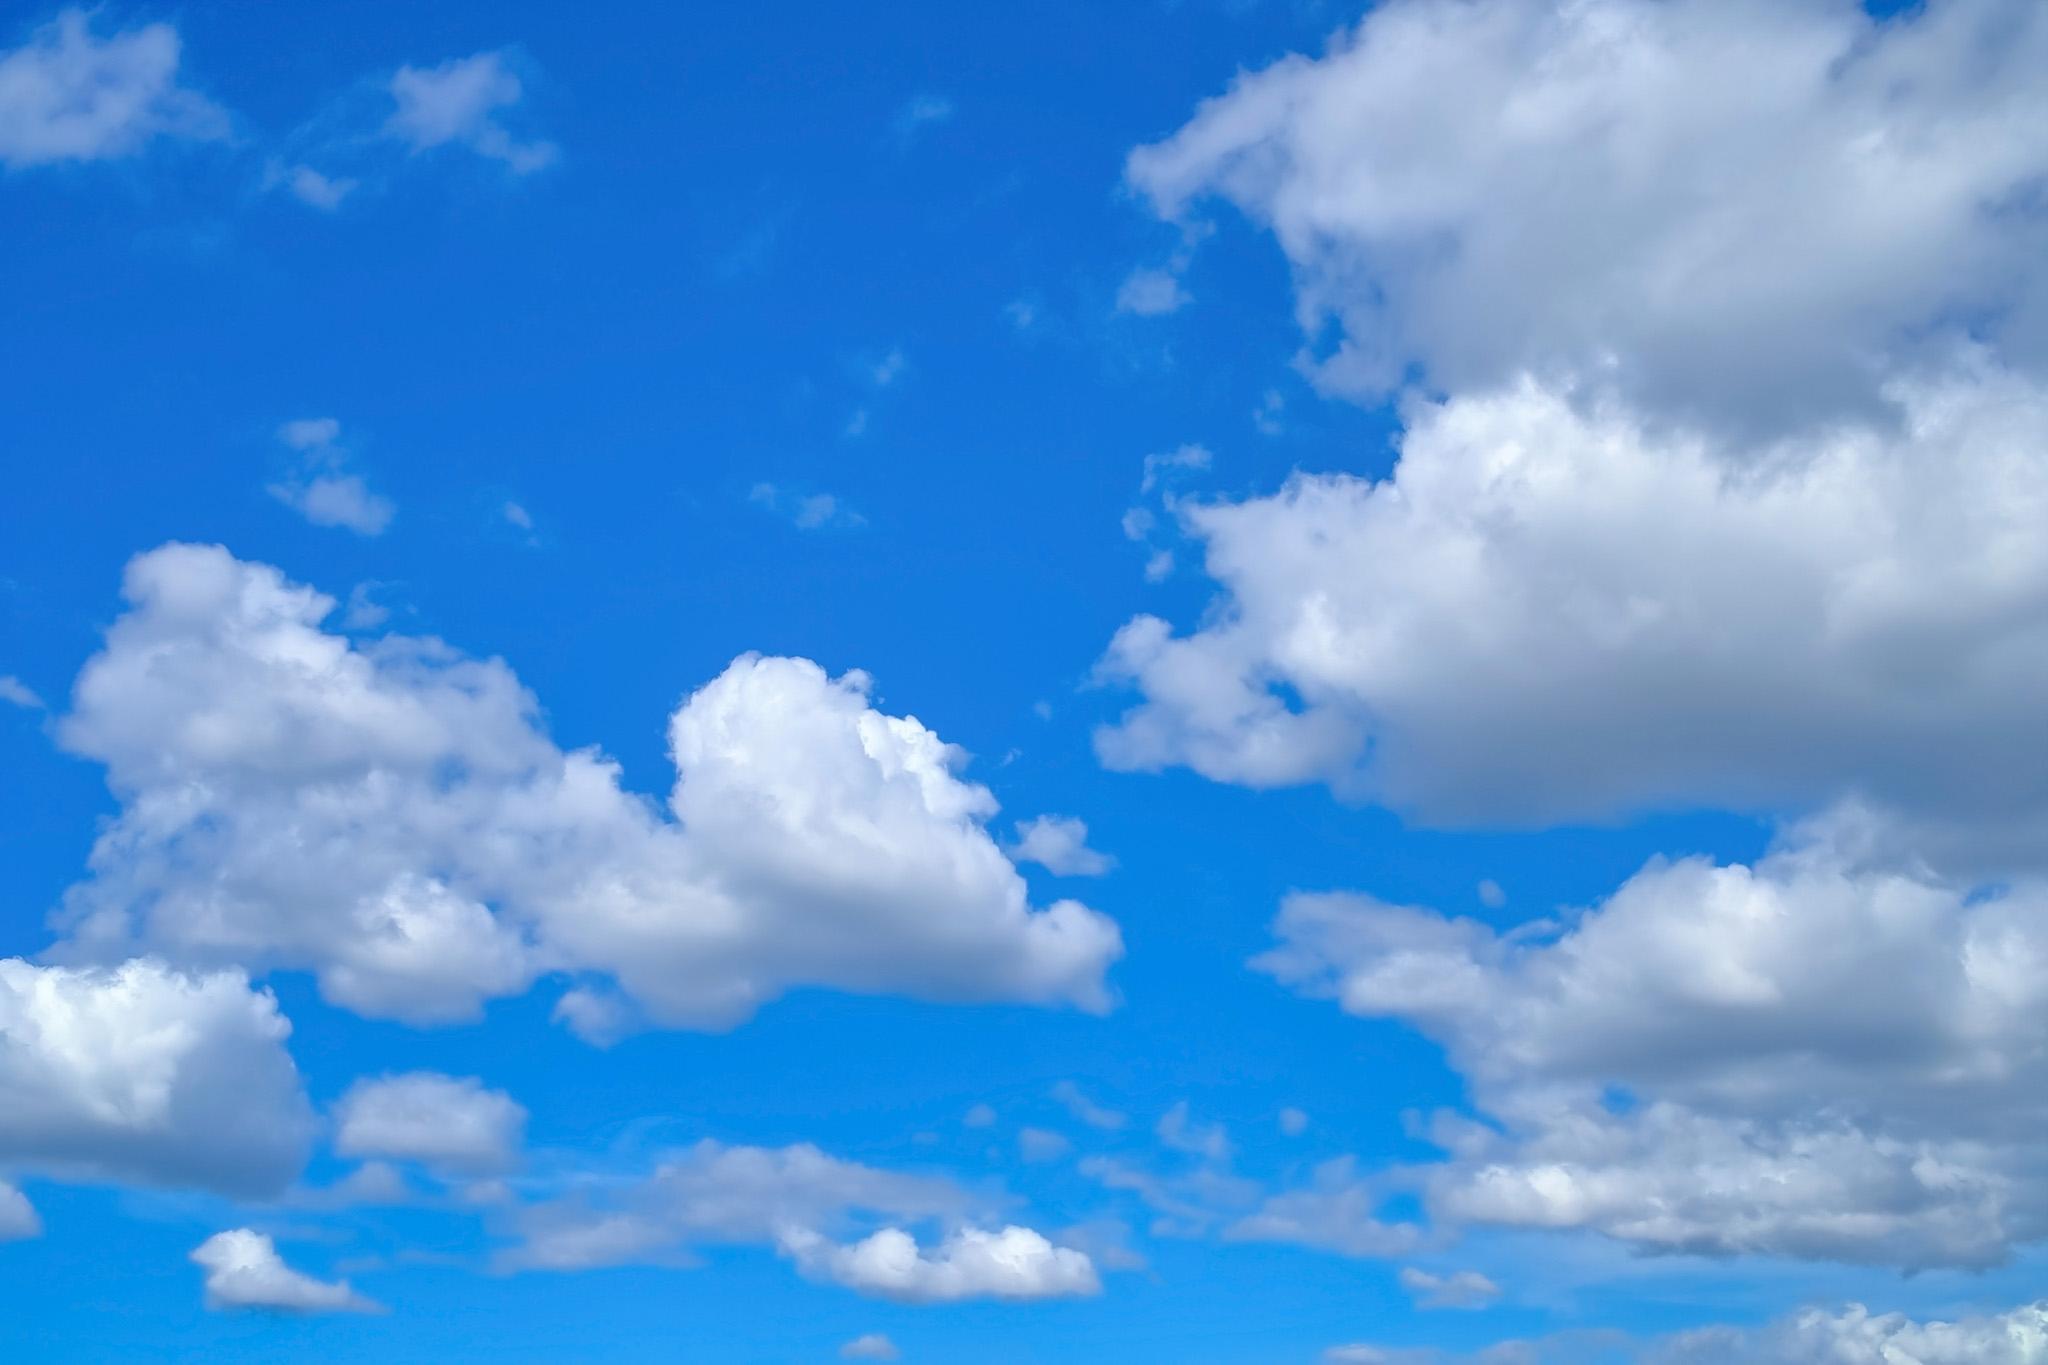 「青空に浮かび漂う雄大な雲」